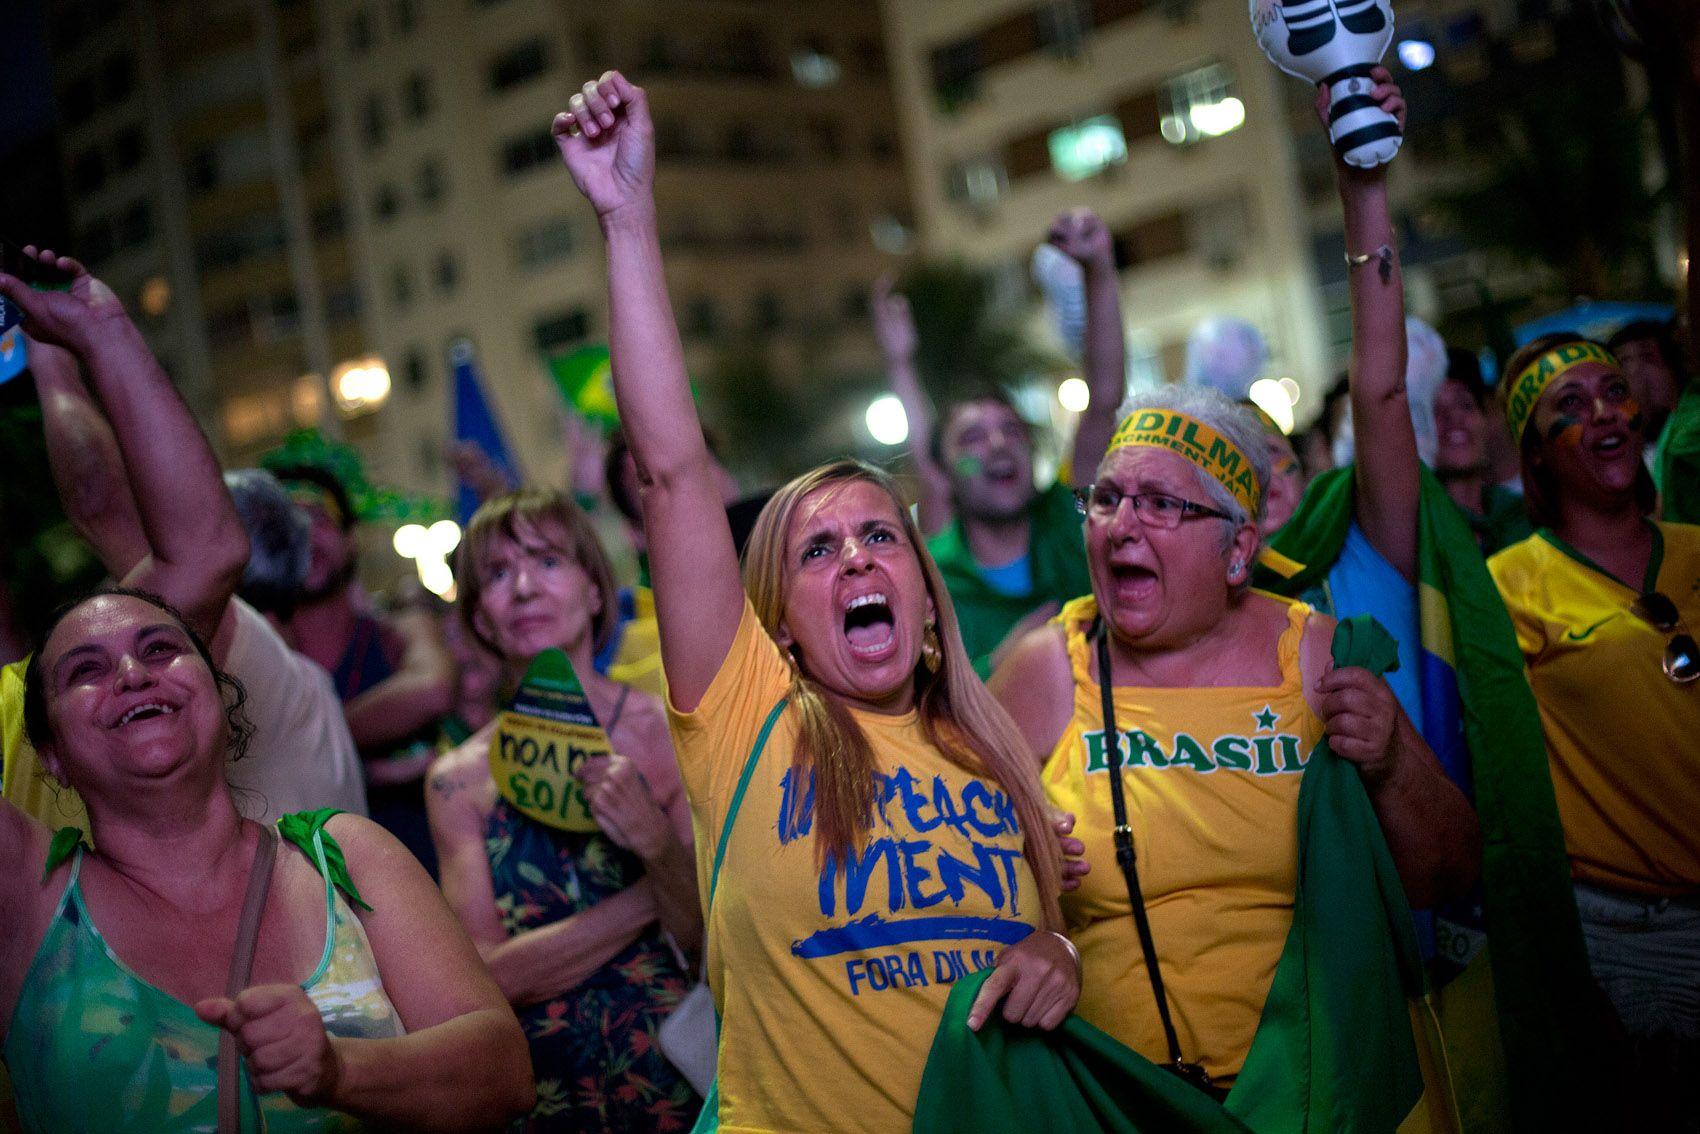 Manifestantes pró-impeachment comemoram enquanto assistem a votação do processo de impeachment em um telão instalado na praia de Copacabana, no Rio de Janeiro